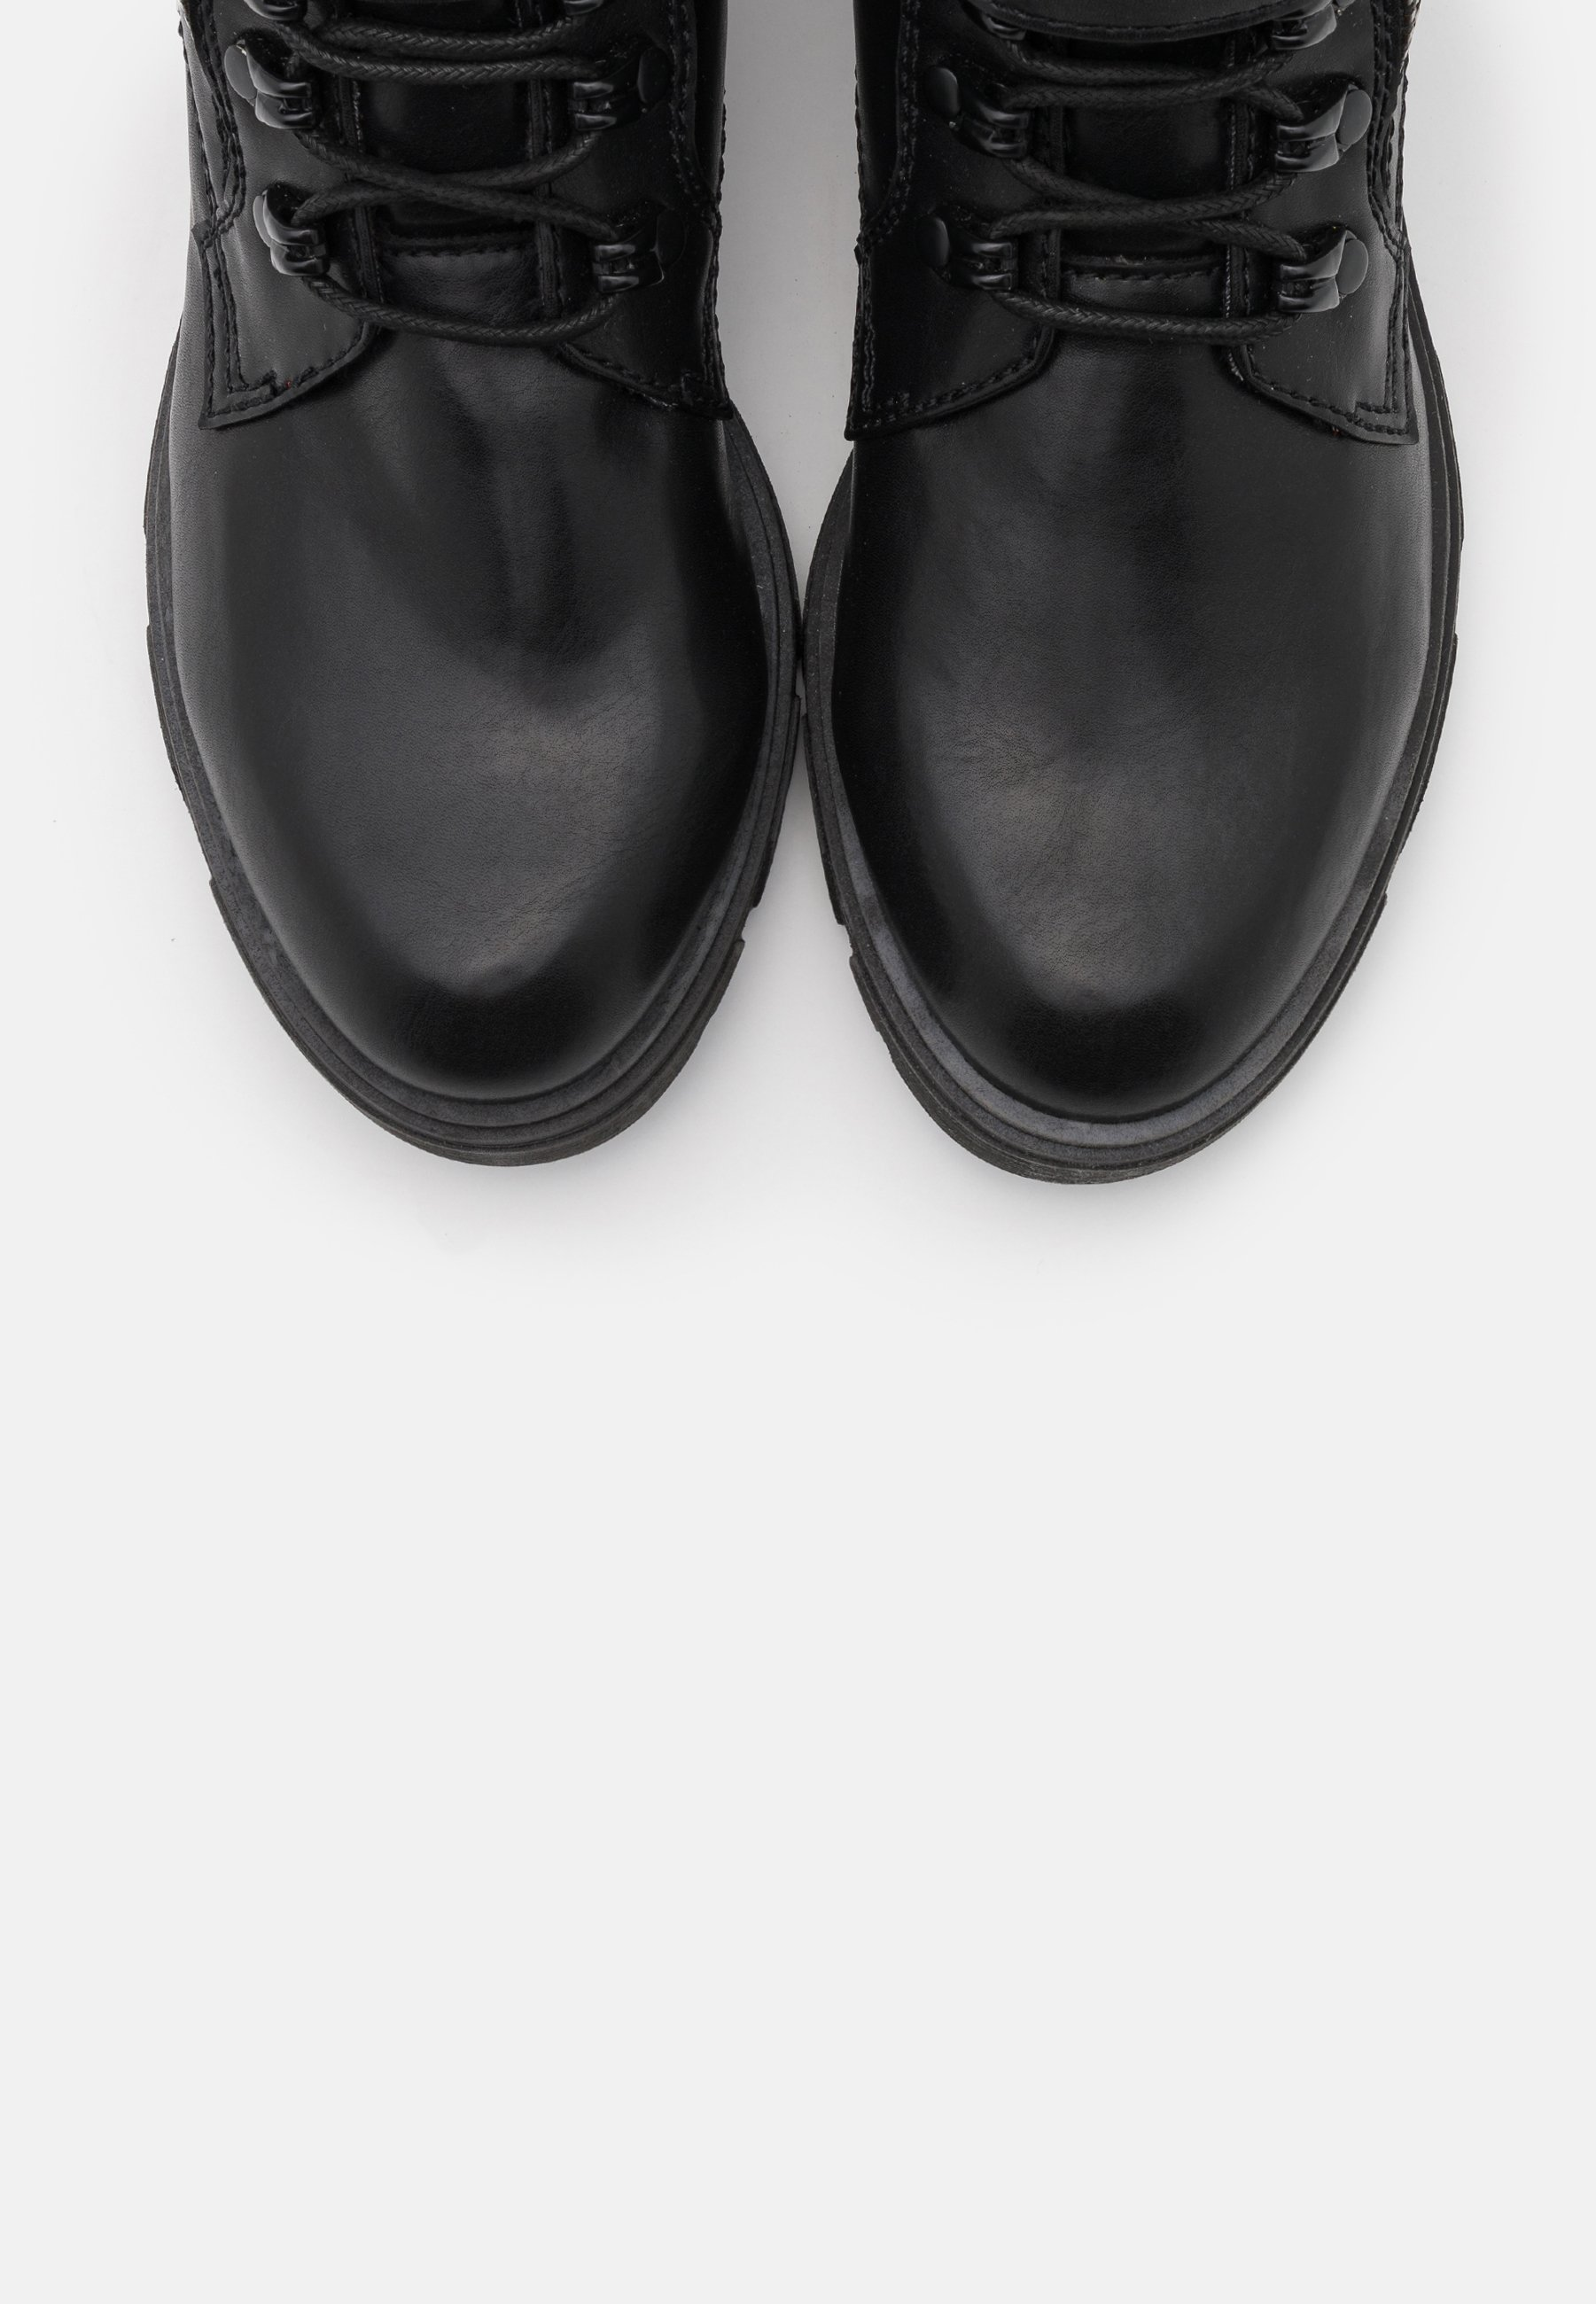 S.oliver Schnürstiefelette - Black/schwarz